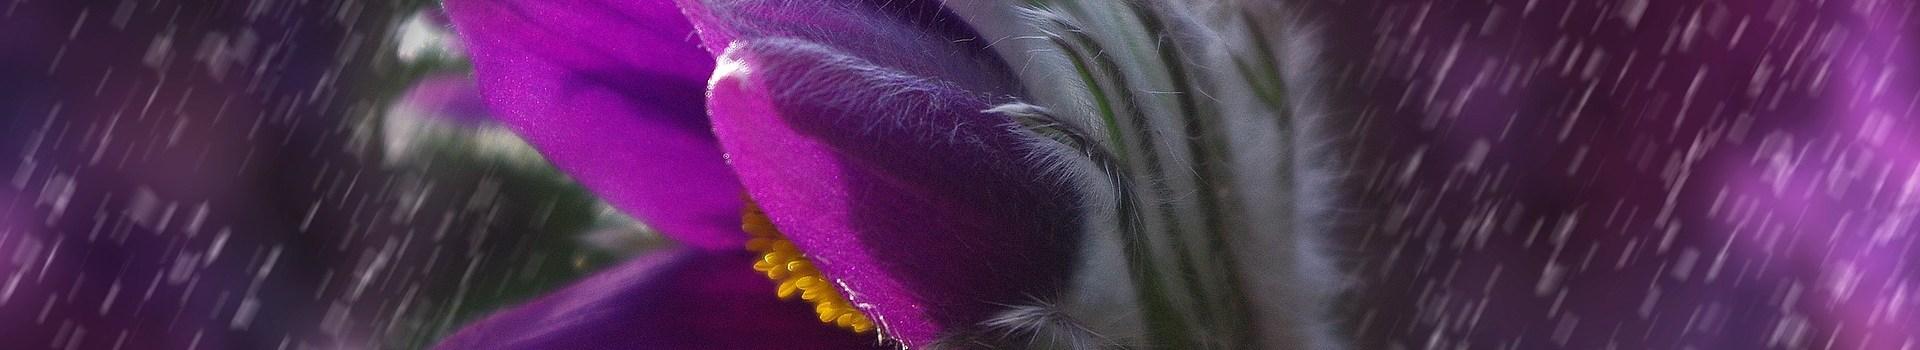 Kiva | wild flower